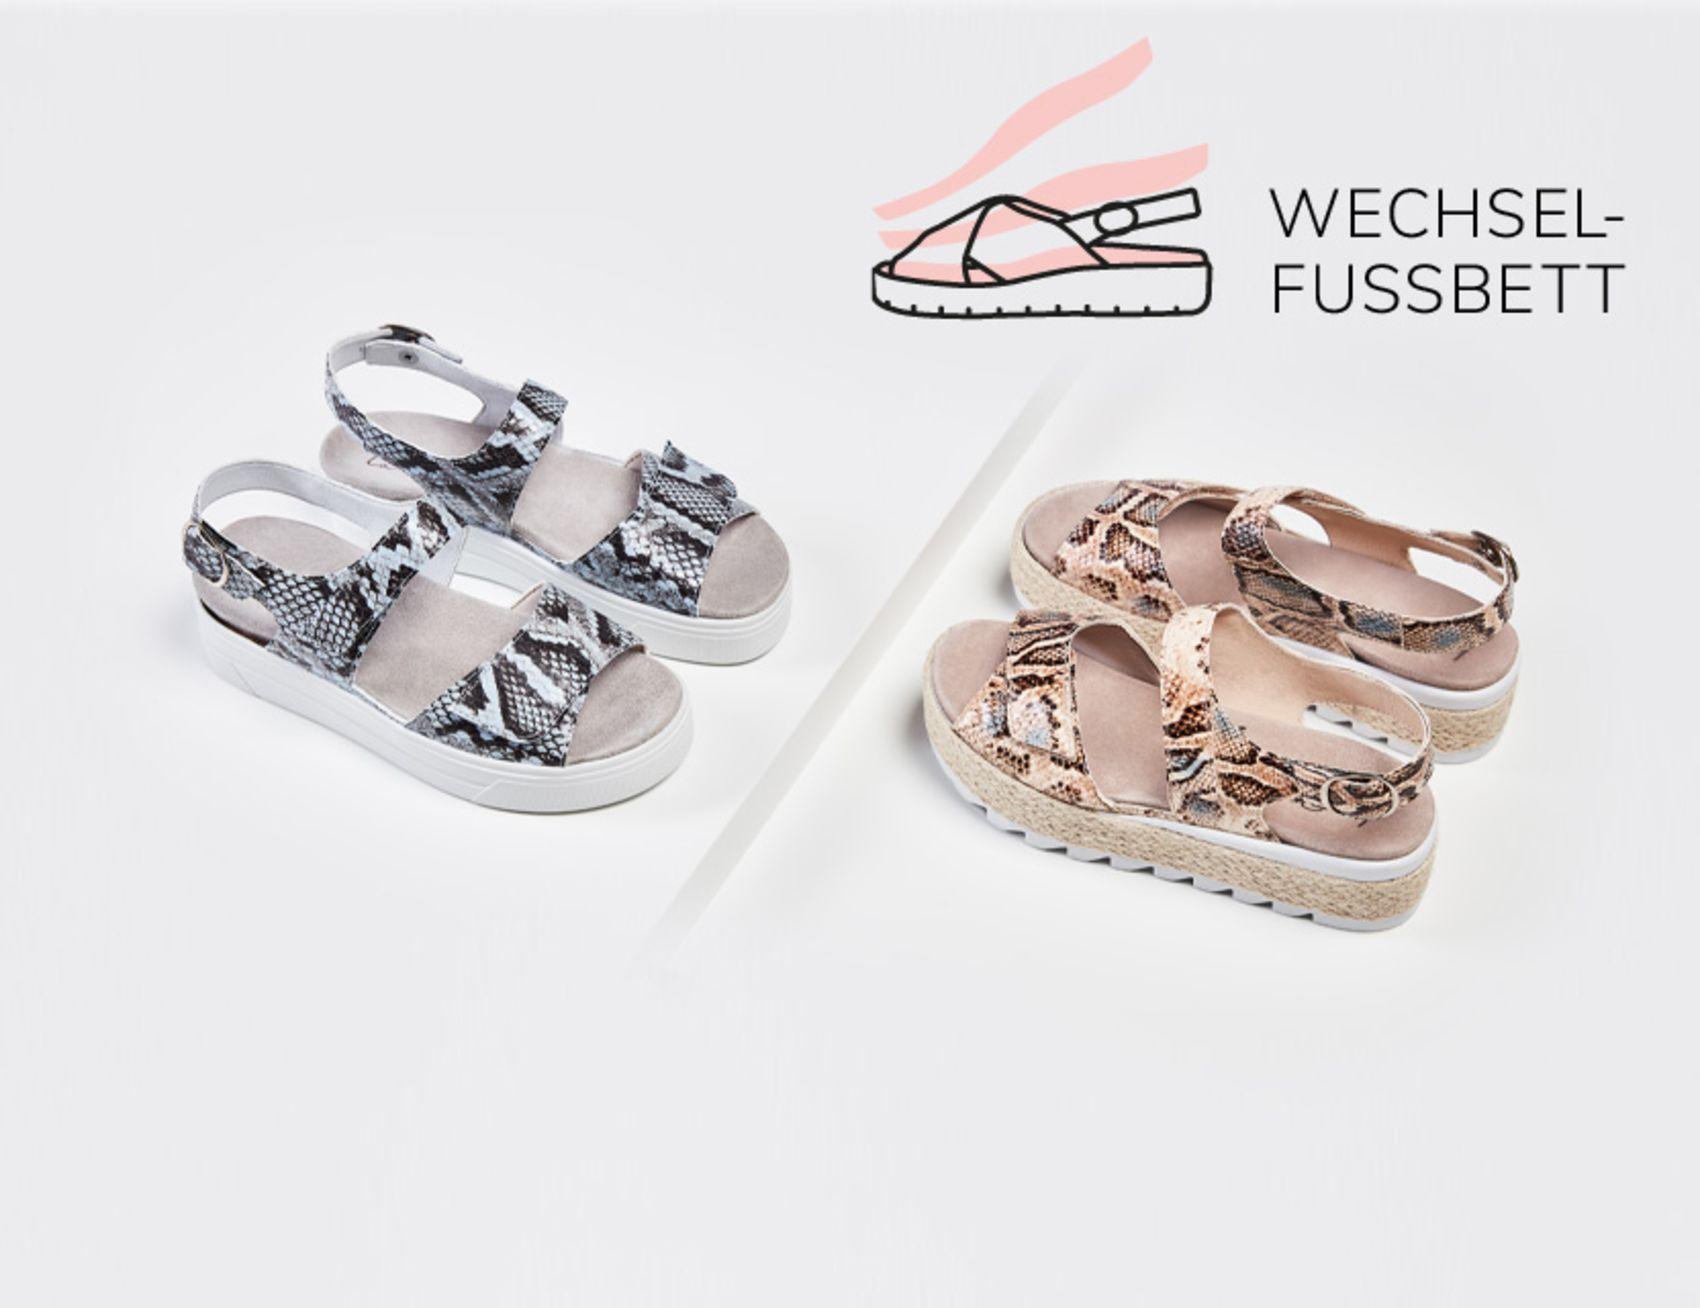 Sandalen mit Wechselfußbett von LaShoe entdecken!